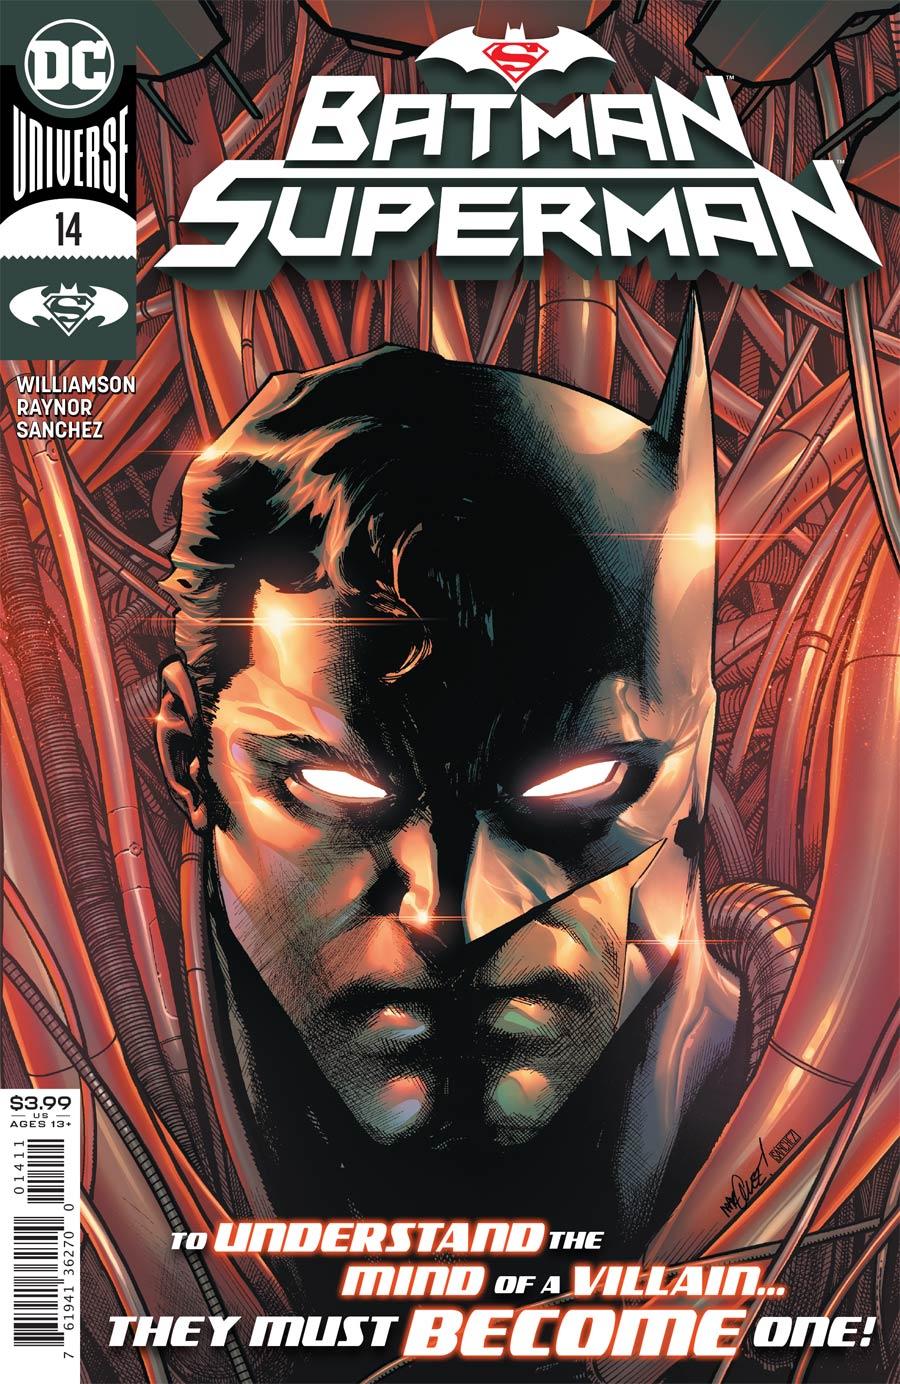 Batman Superman Vol 2 #14 Cover A Regular David Marquez Cover